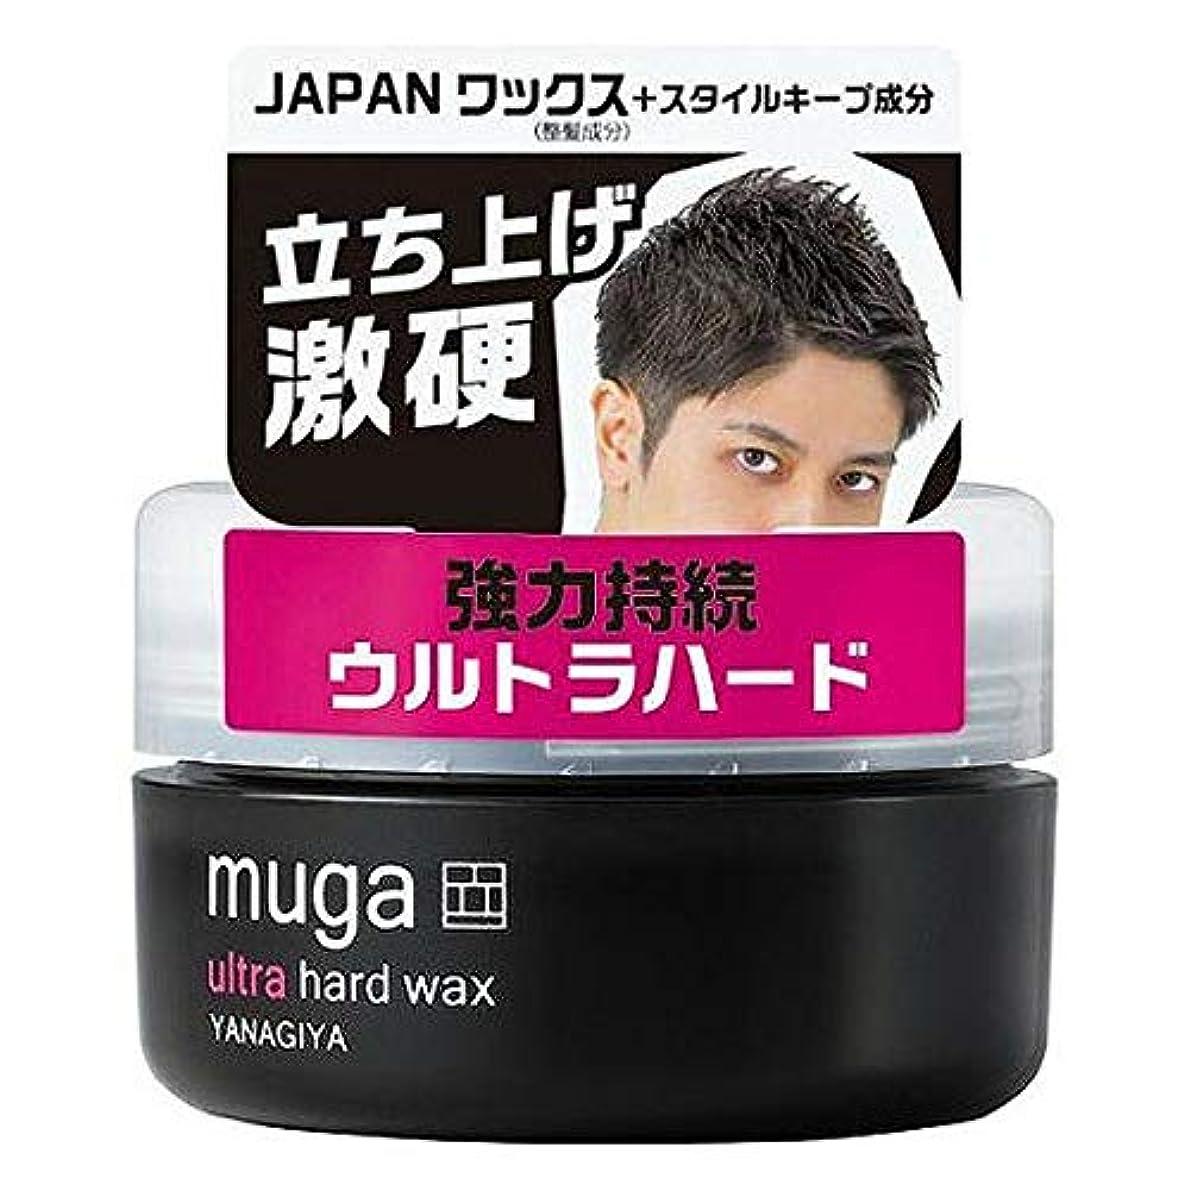 フルーツ野菜ダンプ十代【柳屋本店】MUGA ウルトラハードワックス 85g